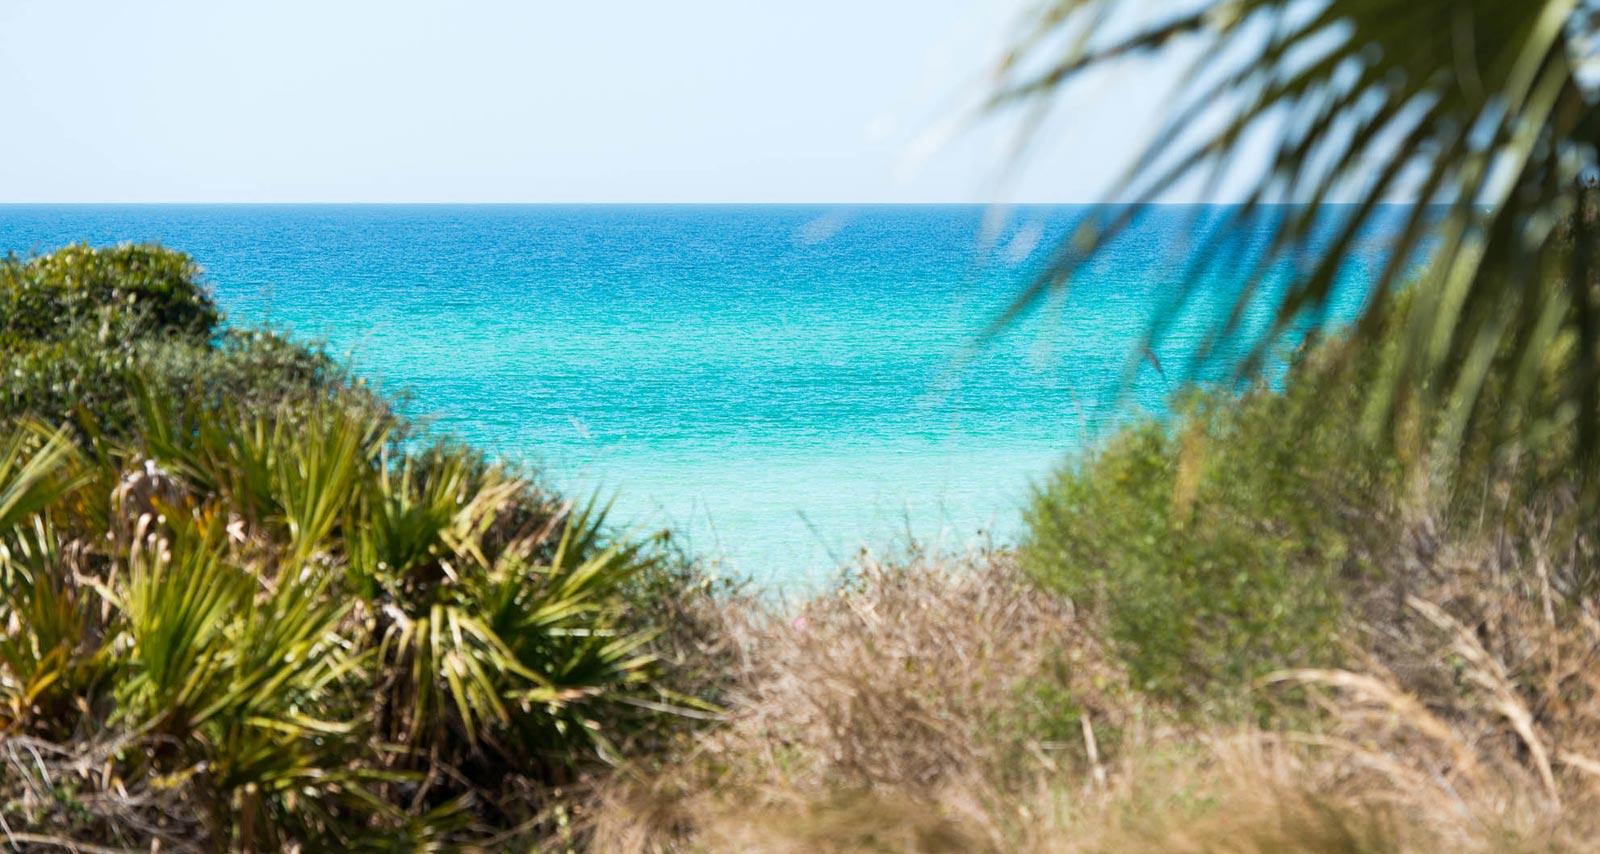 The beach near our Seagrove Beach condo rentals